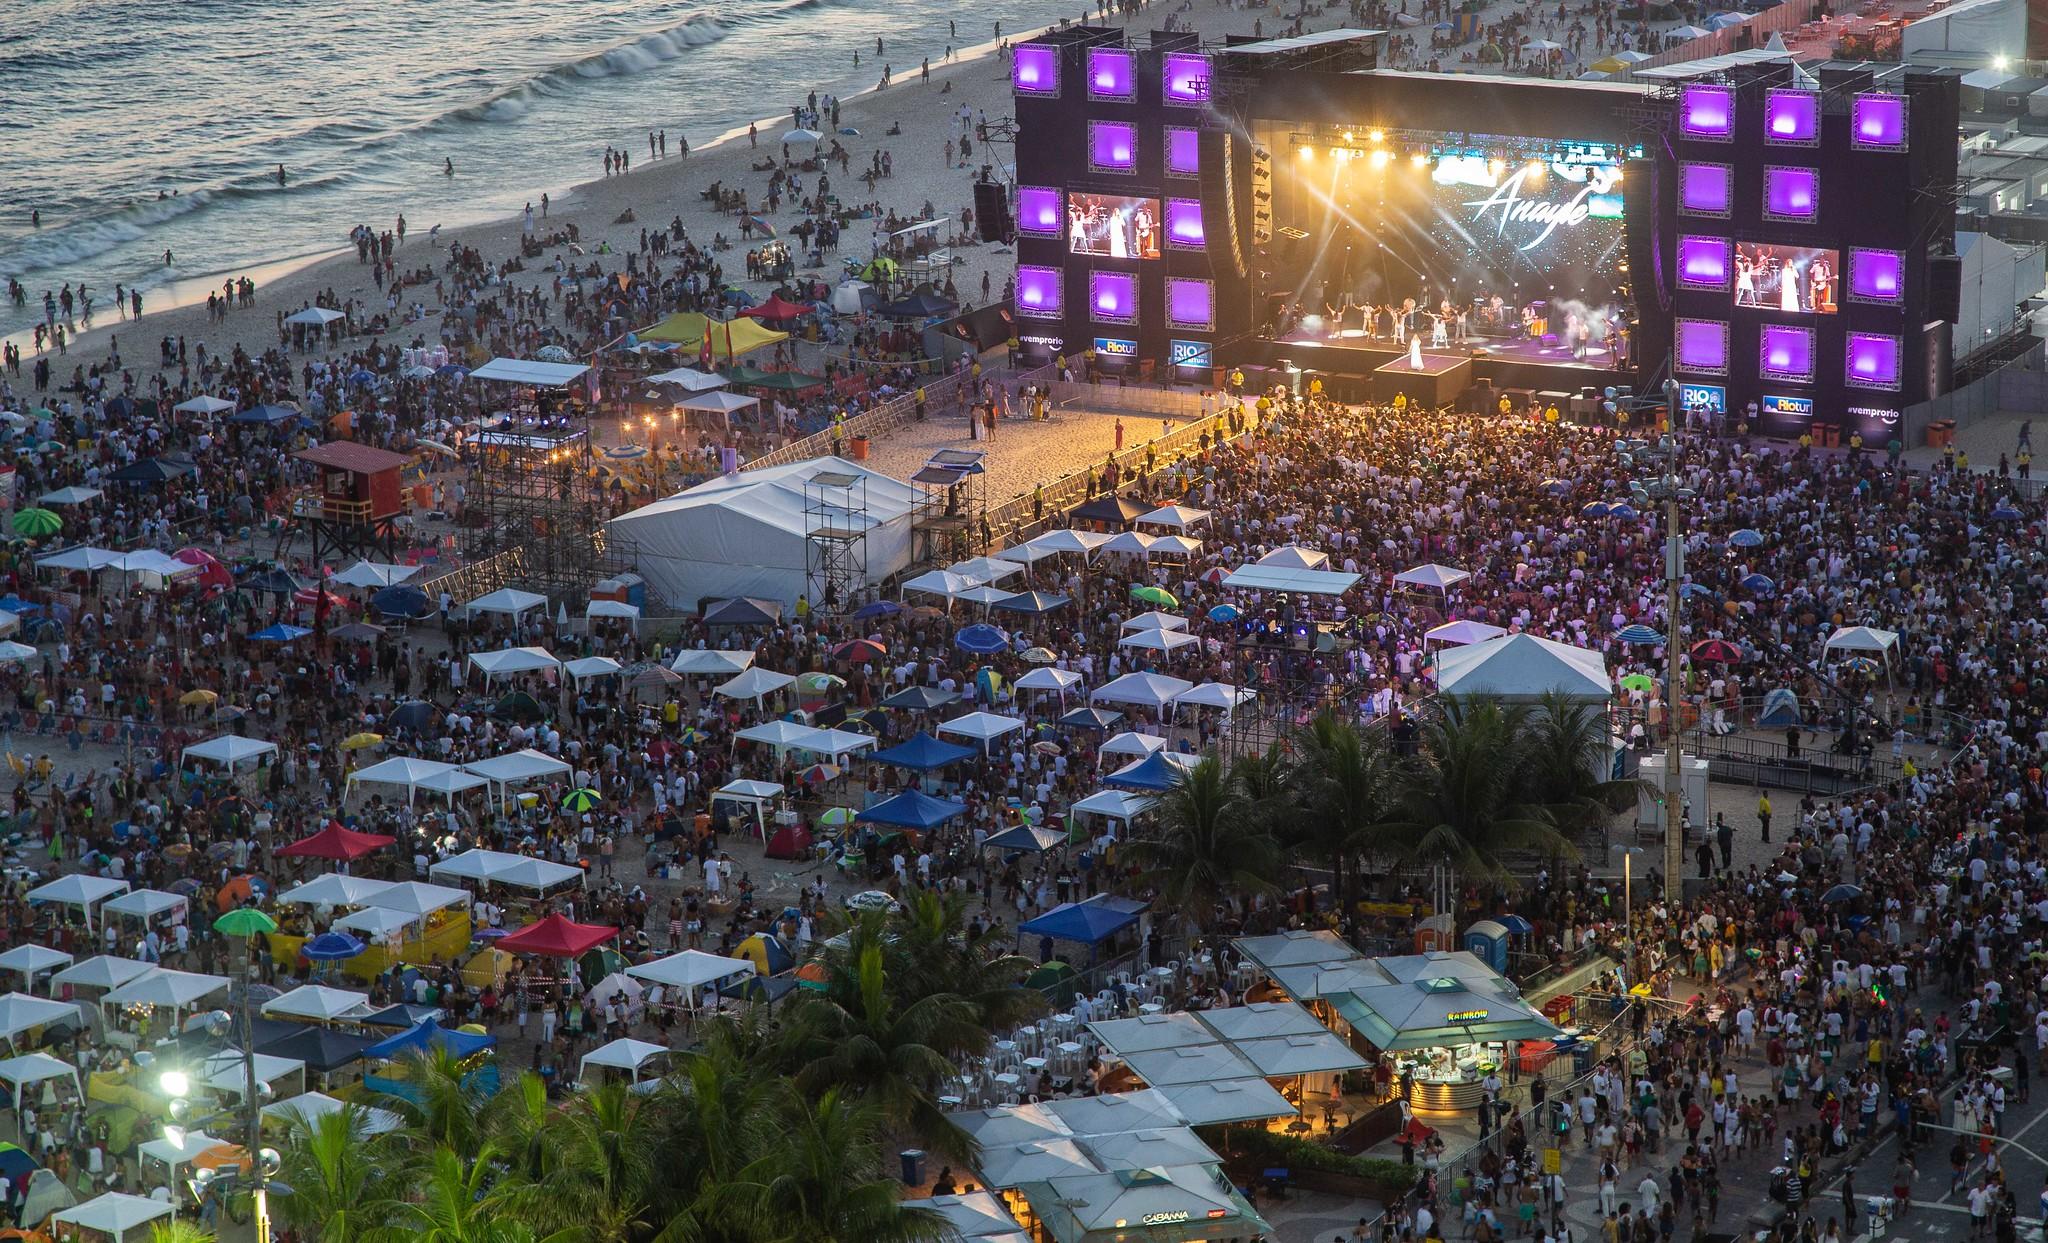 Réveillon Rio 2020 - Praia de Copacabana - Rio de Janeiro. 31.12.2019. Photo: Fernando Maia / Riotur.